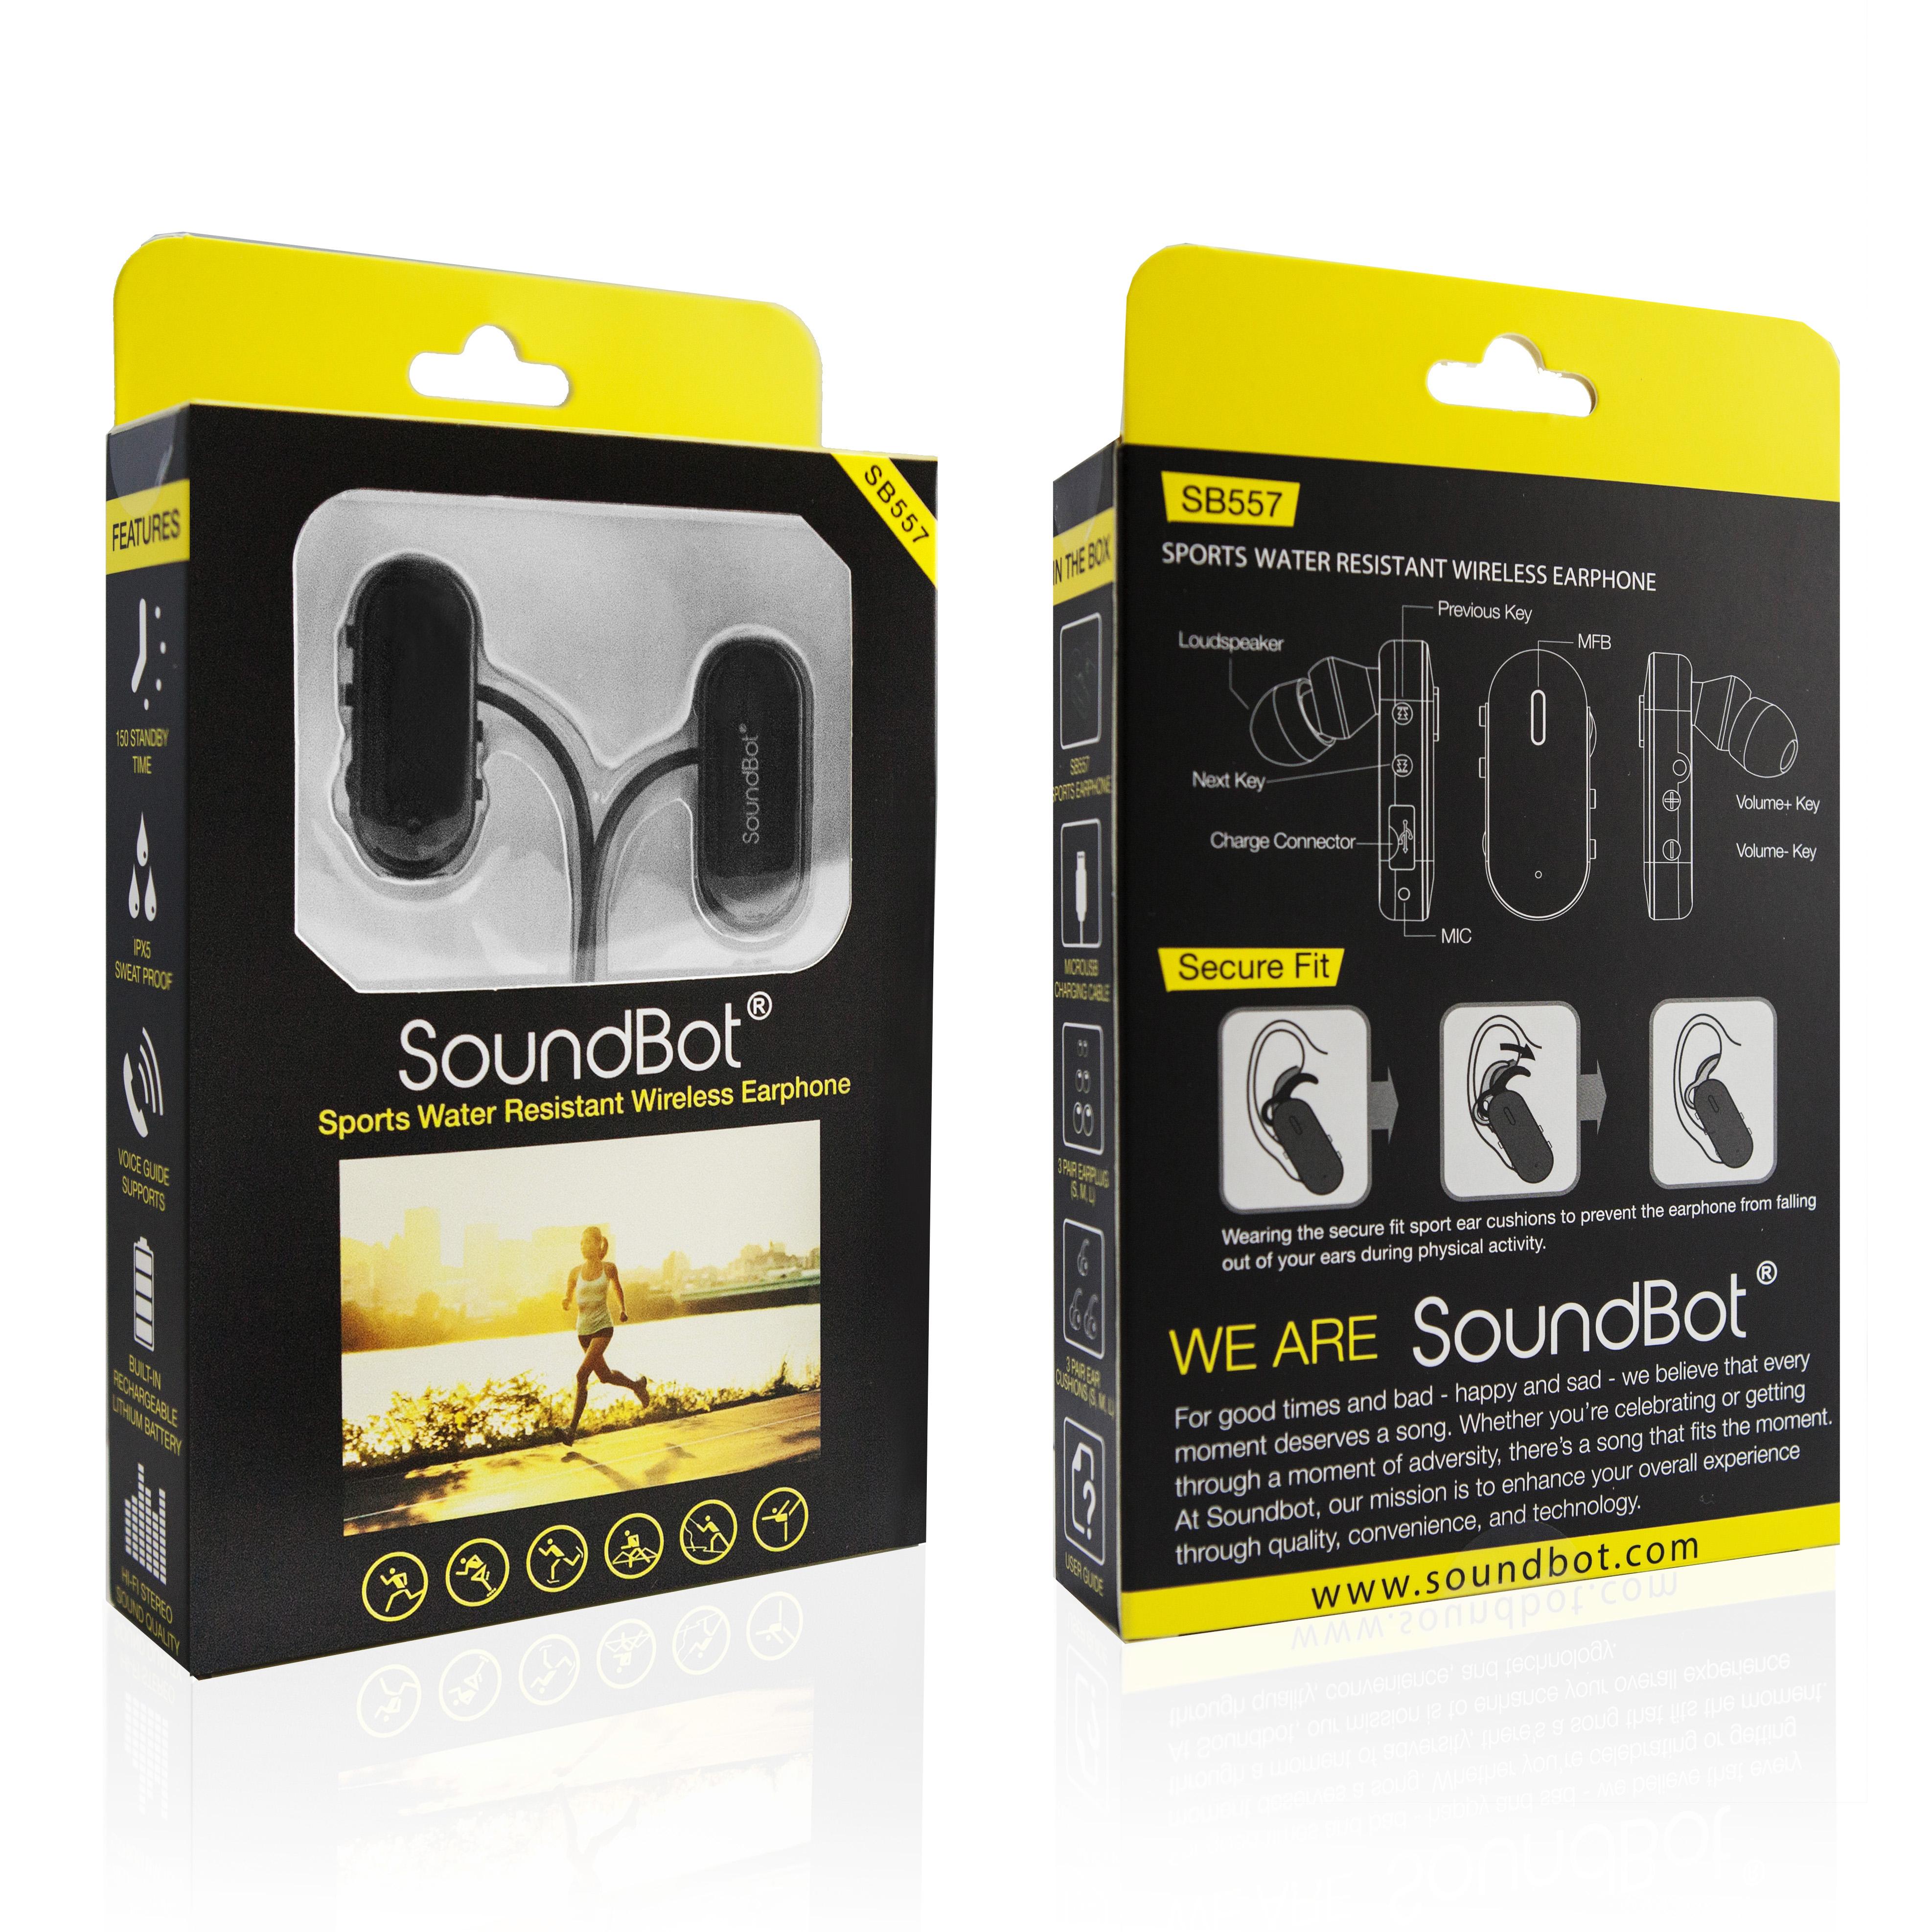 Soundbot Package